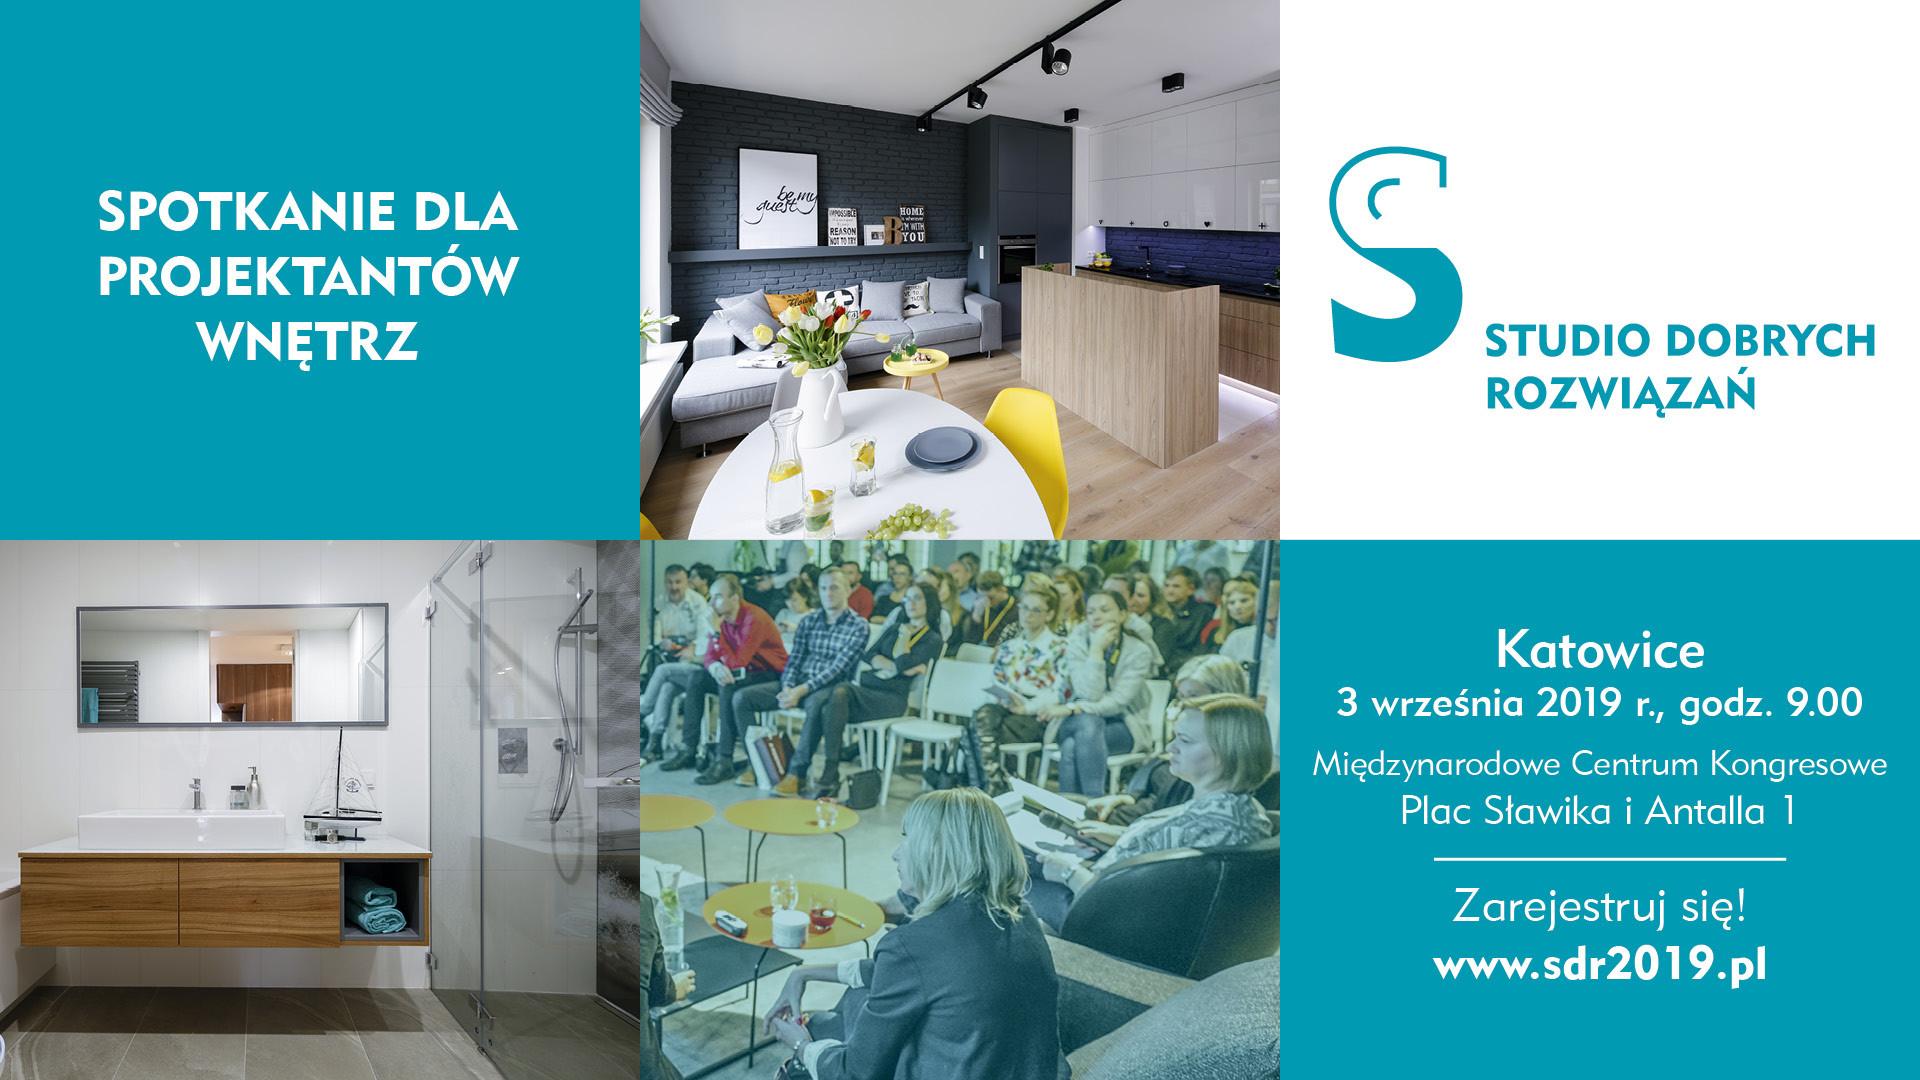 Studio Dobrych Rozwiązań w Katowicach - 3 września 2019.